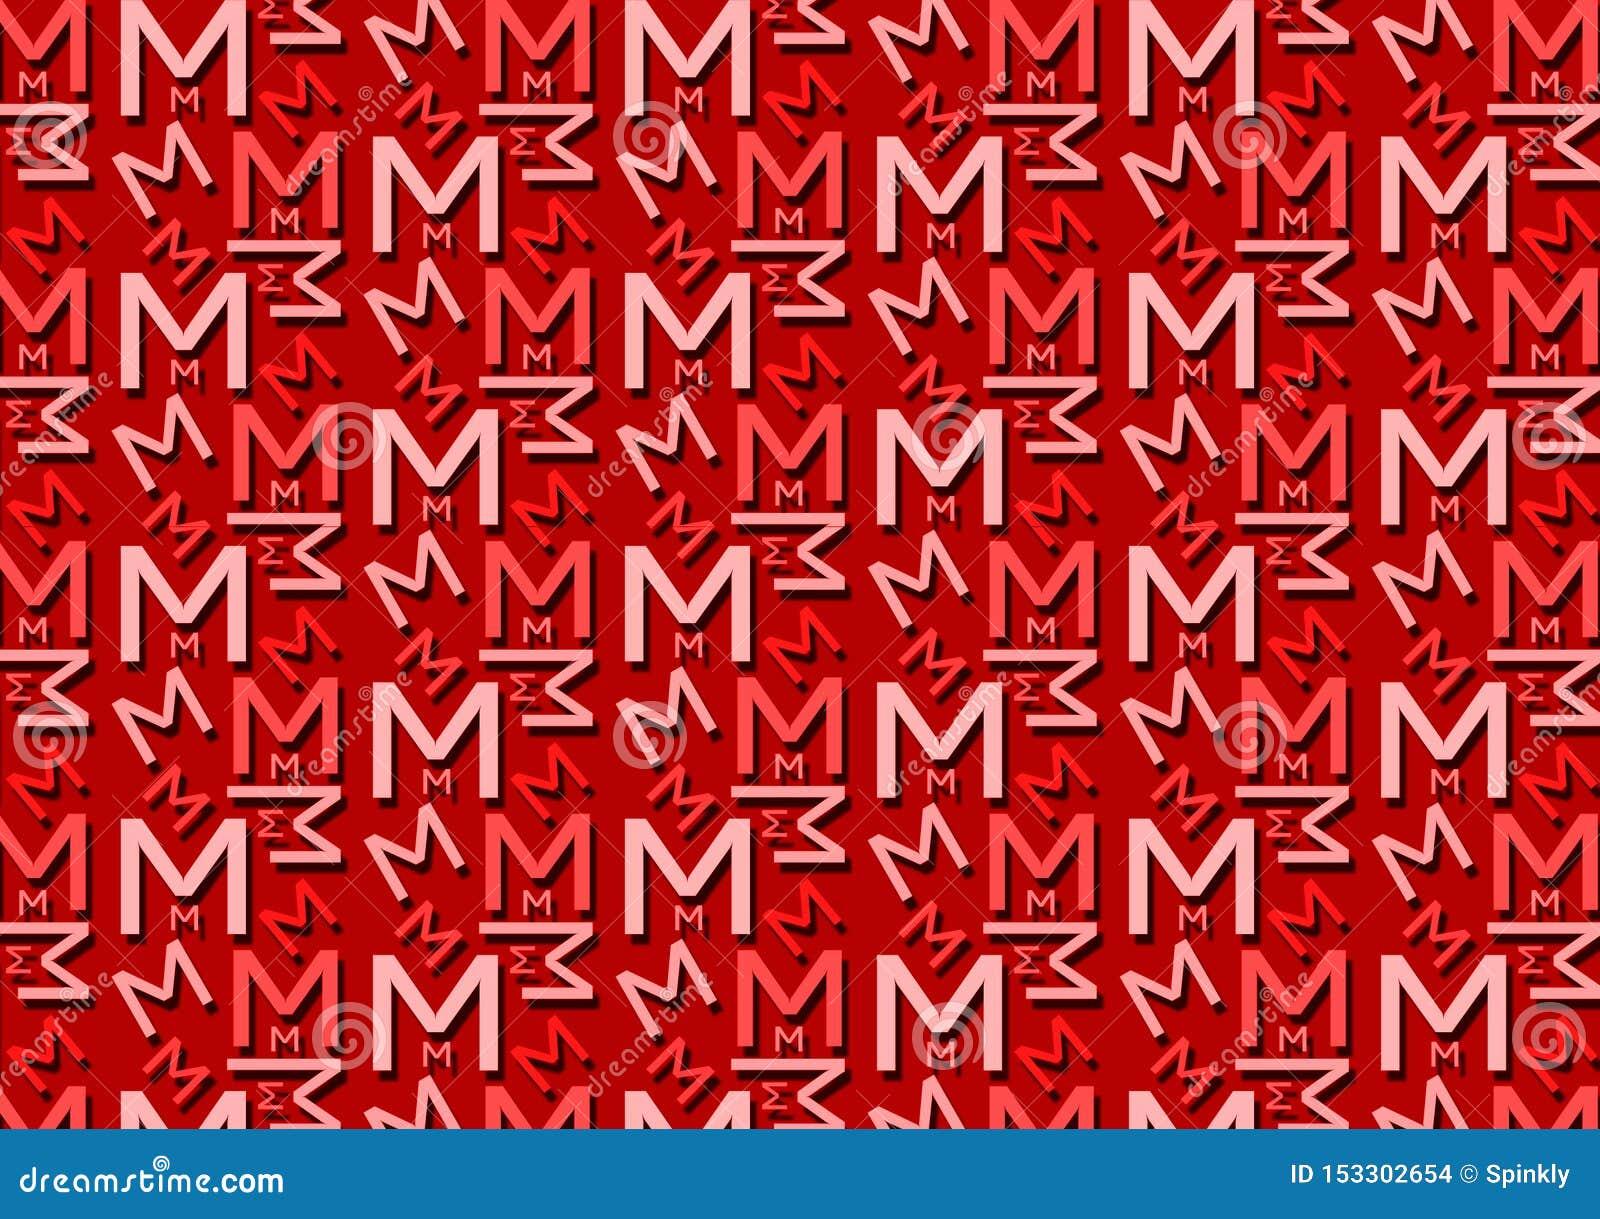 Brievenm patroon in verschillende gekleurde rode schaduwen voor behang